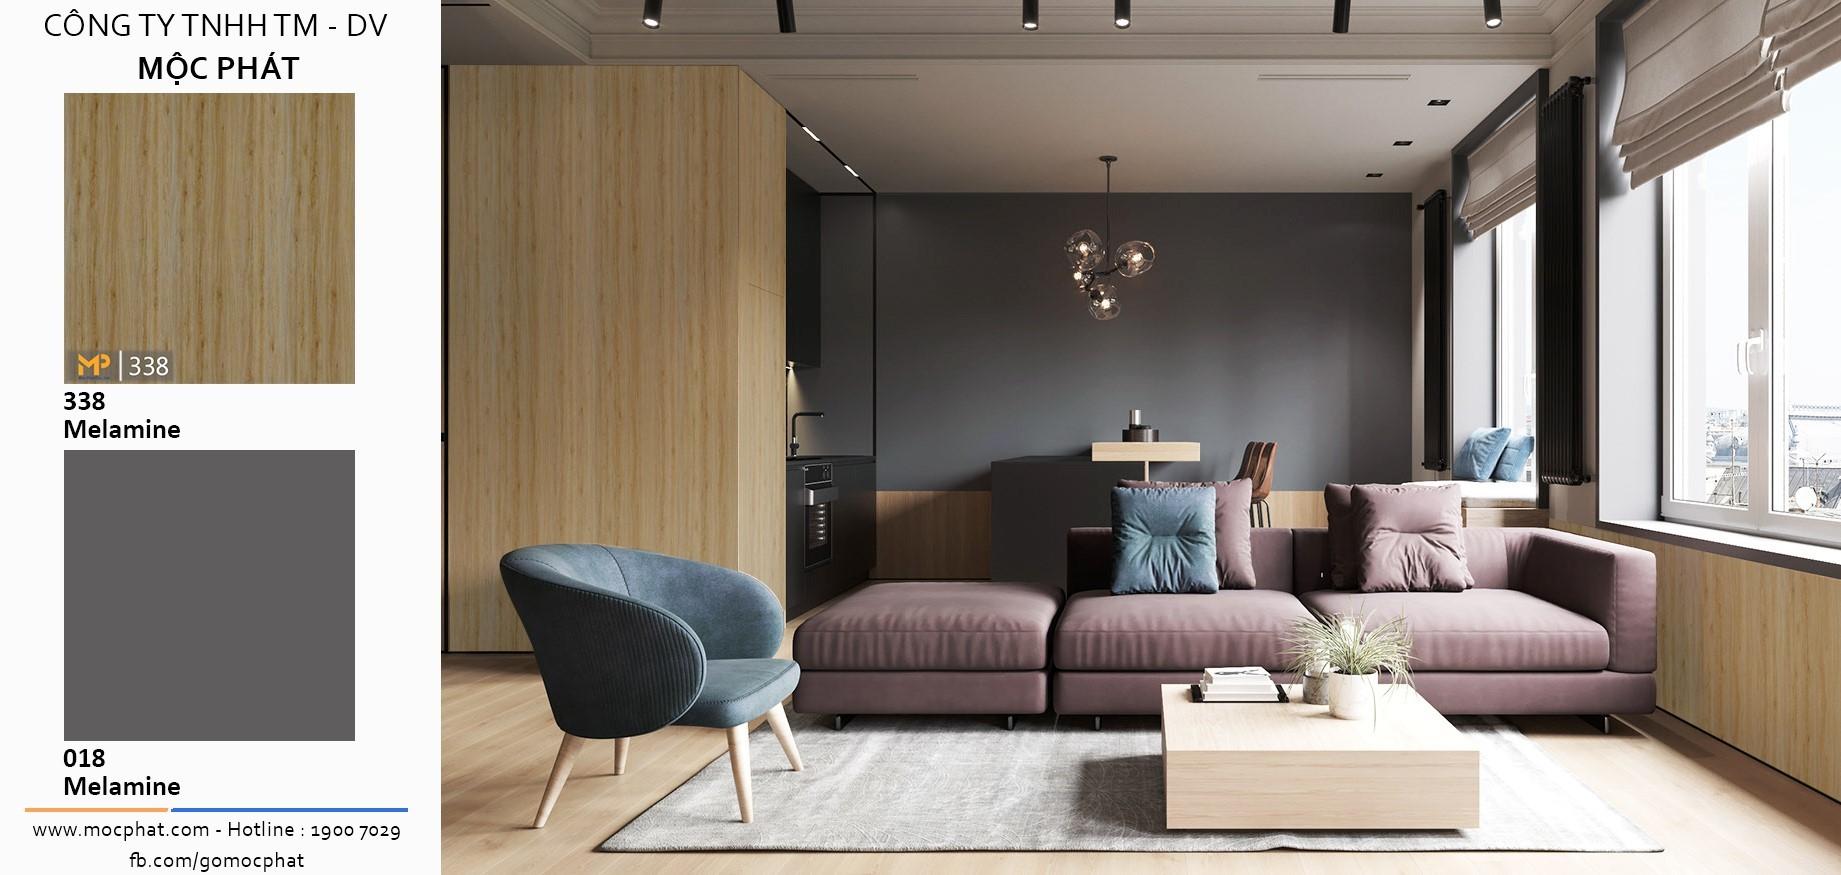 Không chỉ trang trí, sự kết hợp giữa MFC vân gỗ và đơn sắc còn giúp phân chia không gian thật tinh tế